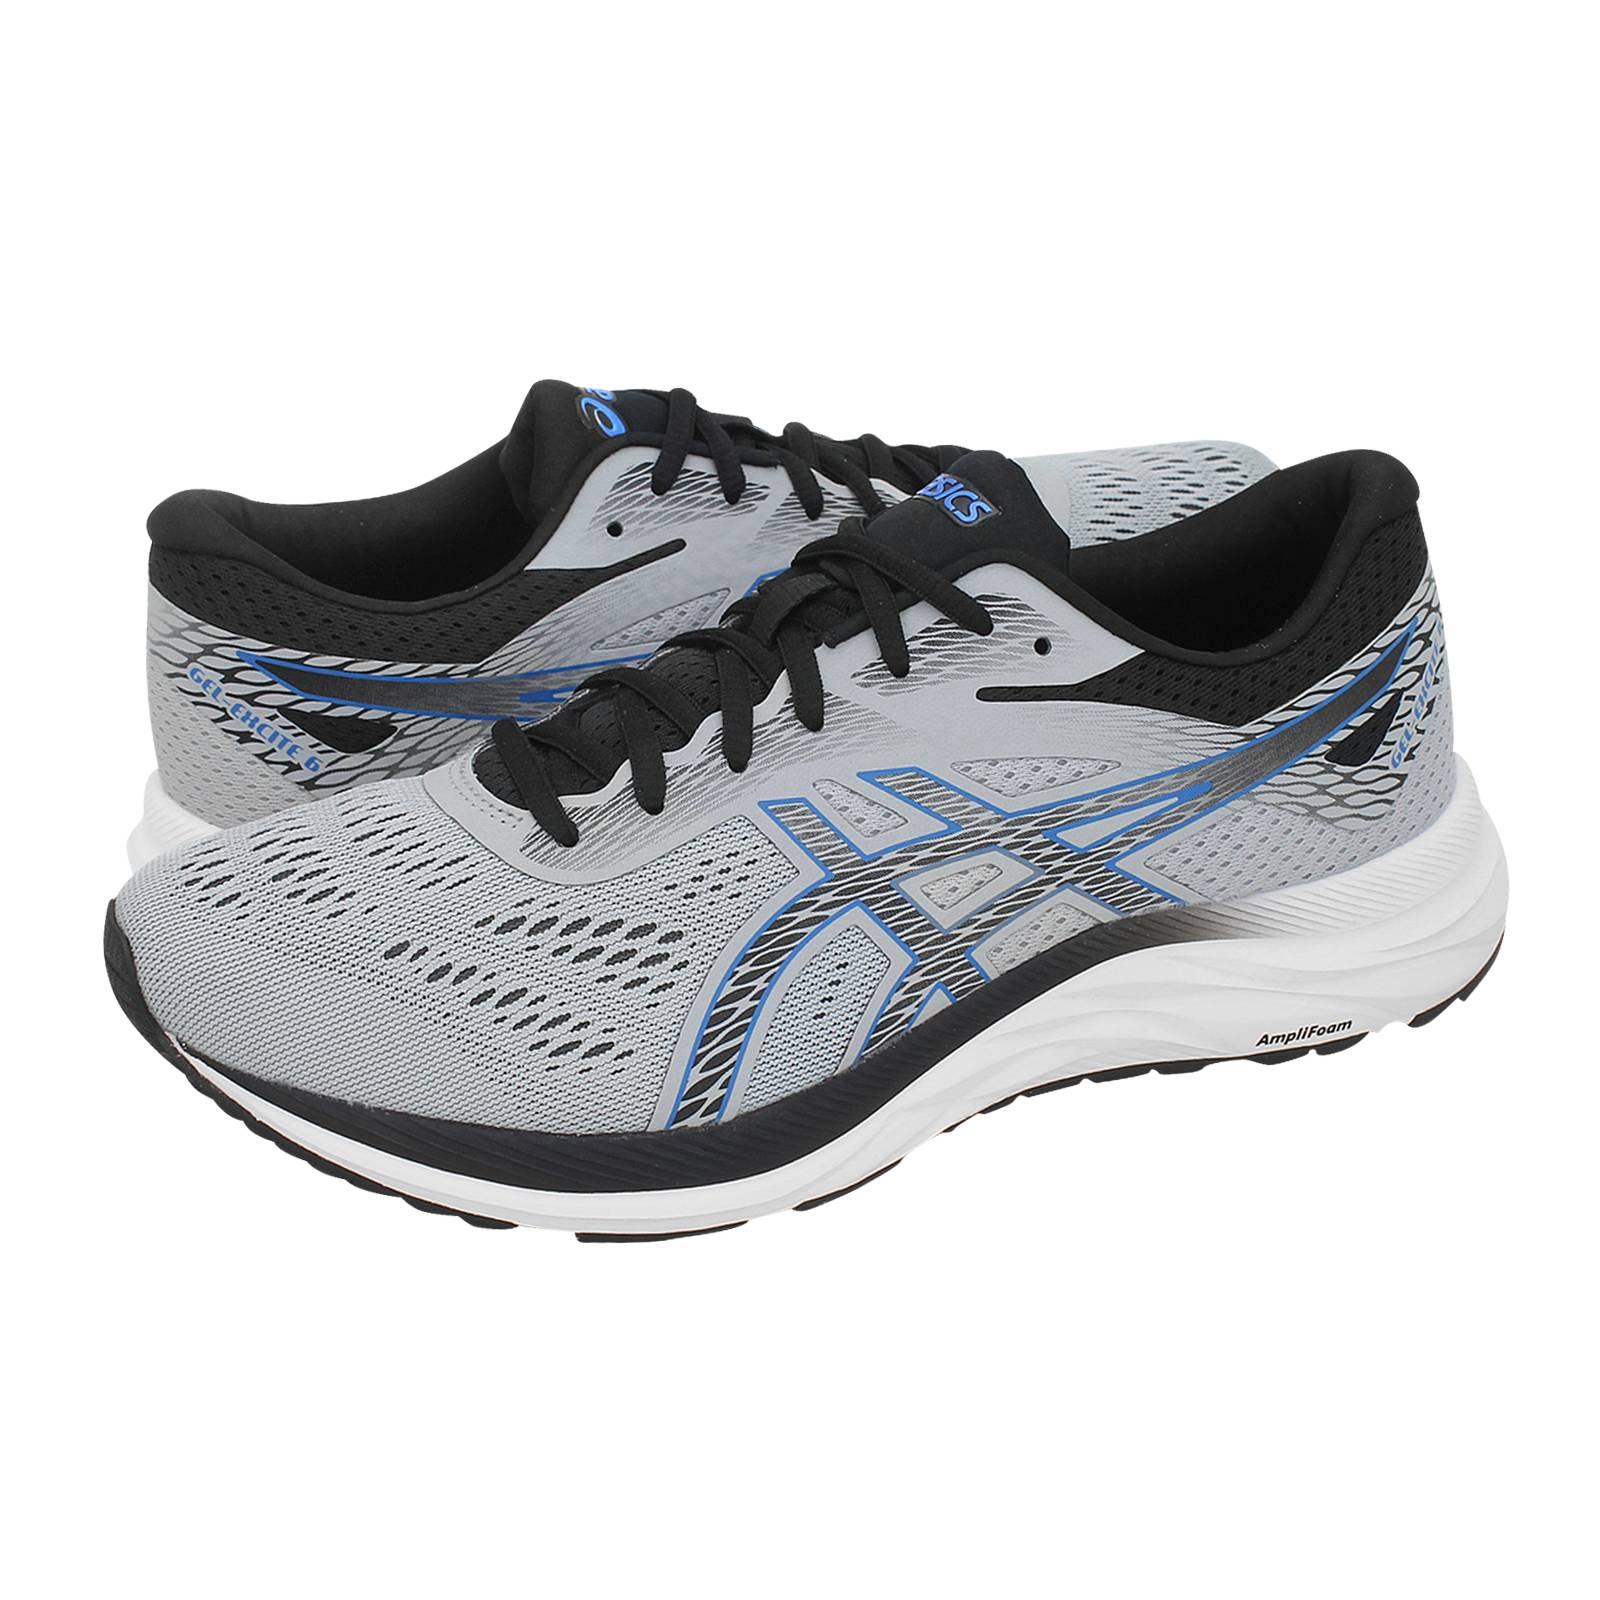 Αθλητικά Παπούτσια Asics Gel Excite 6